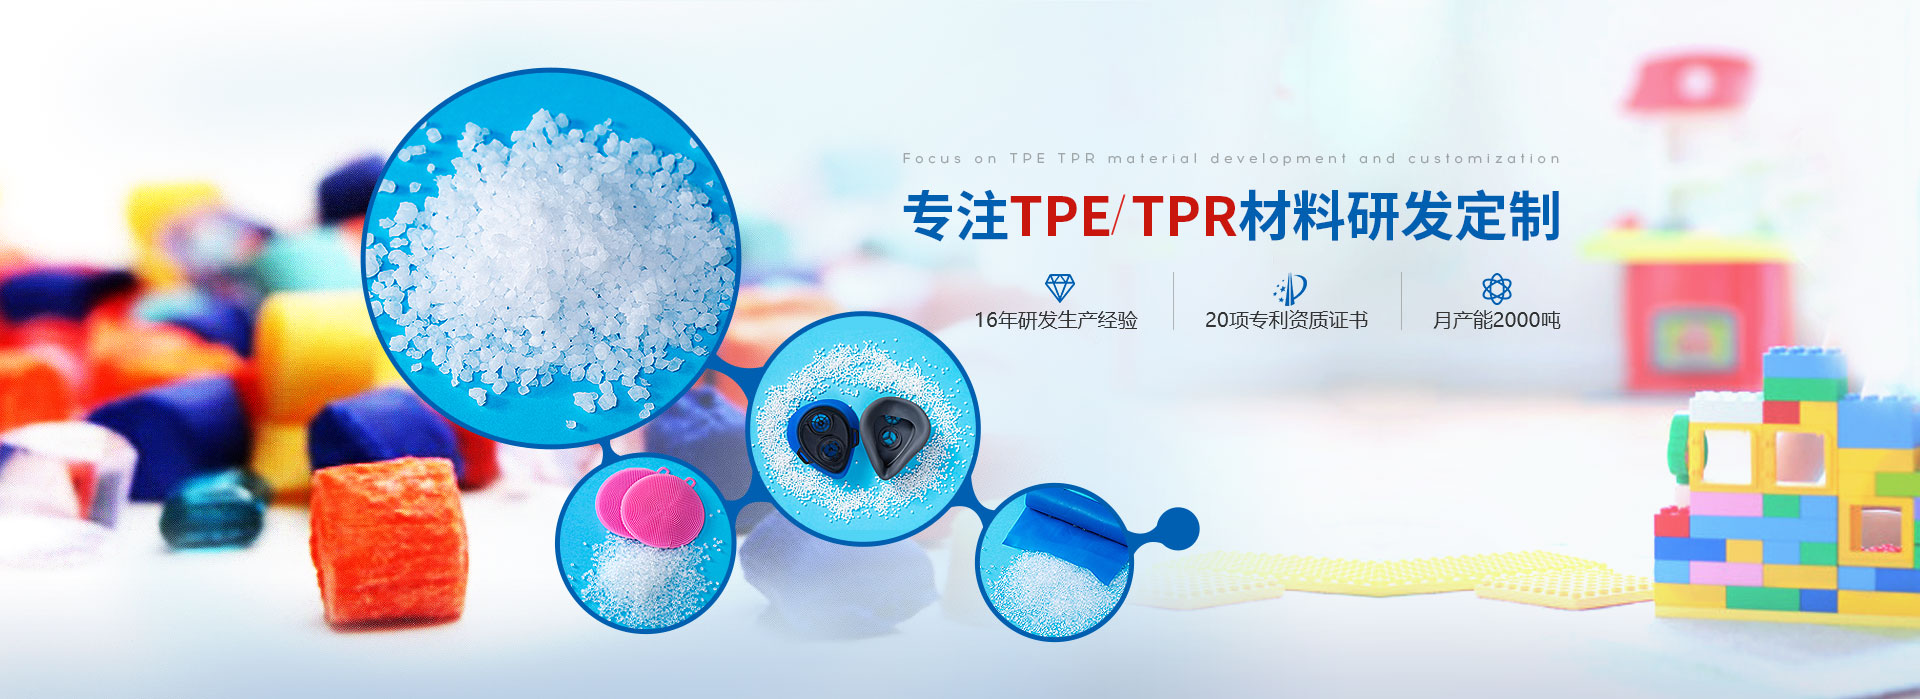 国丰-专注TPE/TPR材料研发定制